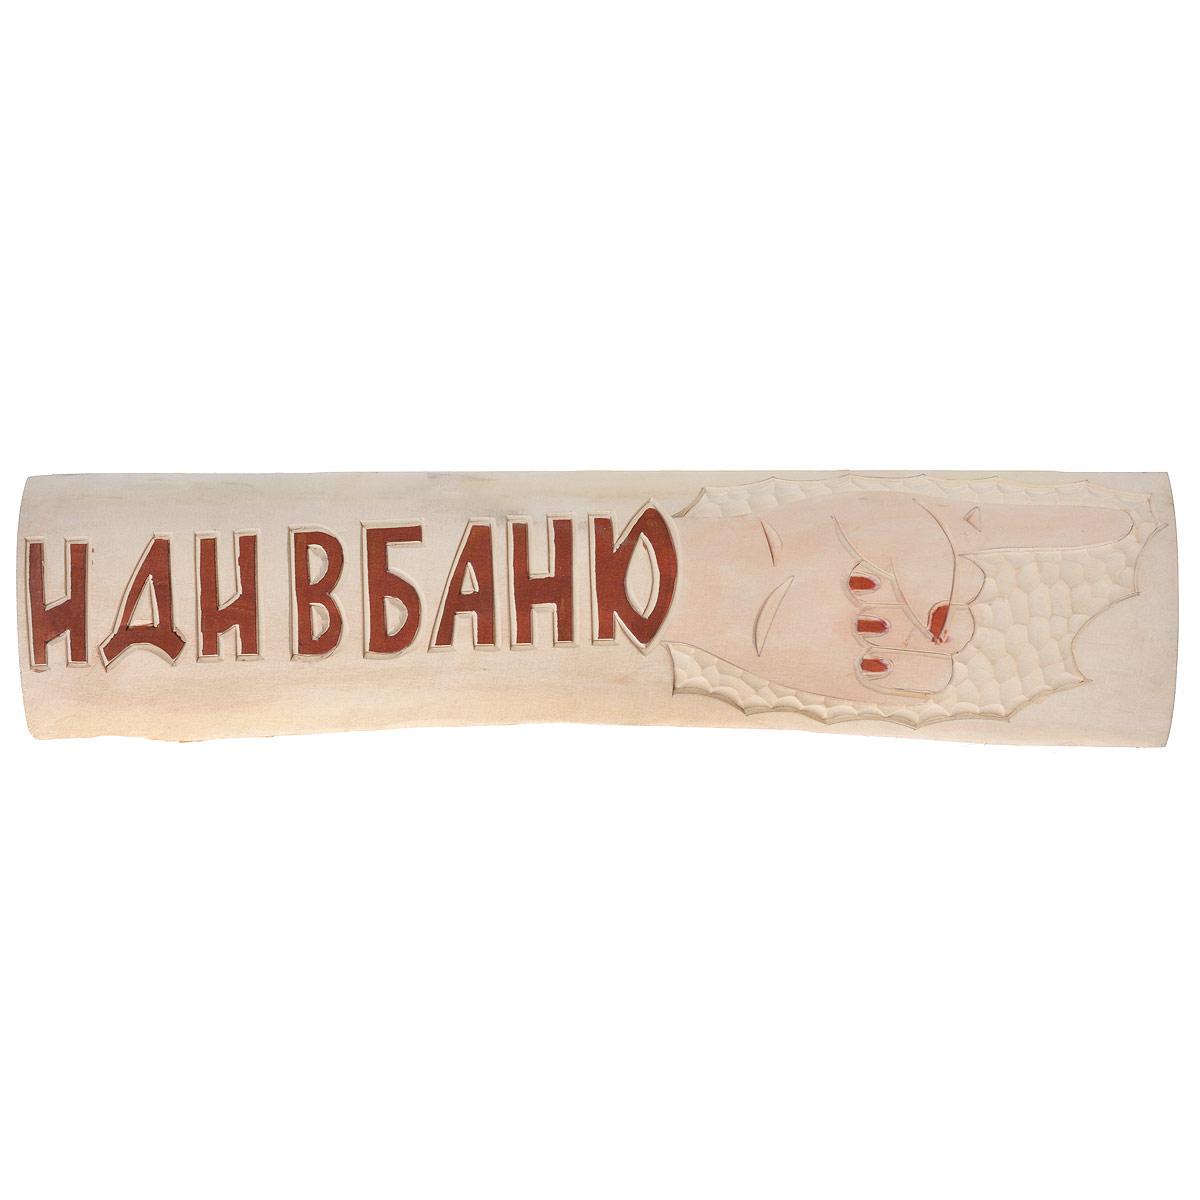 Табличка с поговоркой Иди в баню для бани и сауны03308_1Оригинальная прямоугольная табличка с вырезанной надписью Иди в баню выполнена из древесины липы. Табличка может крепиться к двери или к стене с помощью шурупов (в комплект не входят, отверстия не просверлены) или клея. Такая табличка в сочетании с оригинальным дизайном и хорошим качеством послужит оригинальным и приятным сувениром и украсит любую баню, сауну. Размер таблички: 45 см х 10 см х 2,5 см. УВАЖАЕМЫЕ КЛИЕНТЫ! Обращаем ваше внимание на возможные изменения в дизайне, связанные с ассортиментом продукции. Поставка осуществляется в зависимости от наличия на складе.